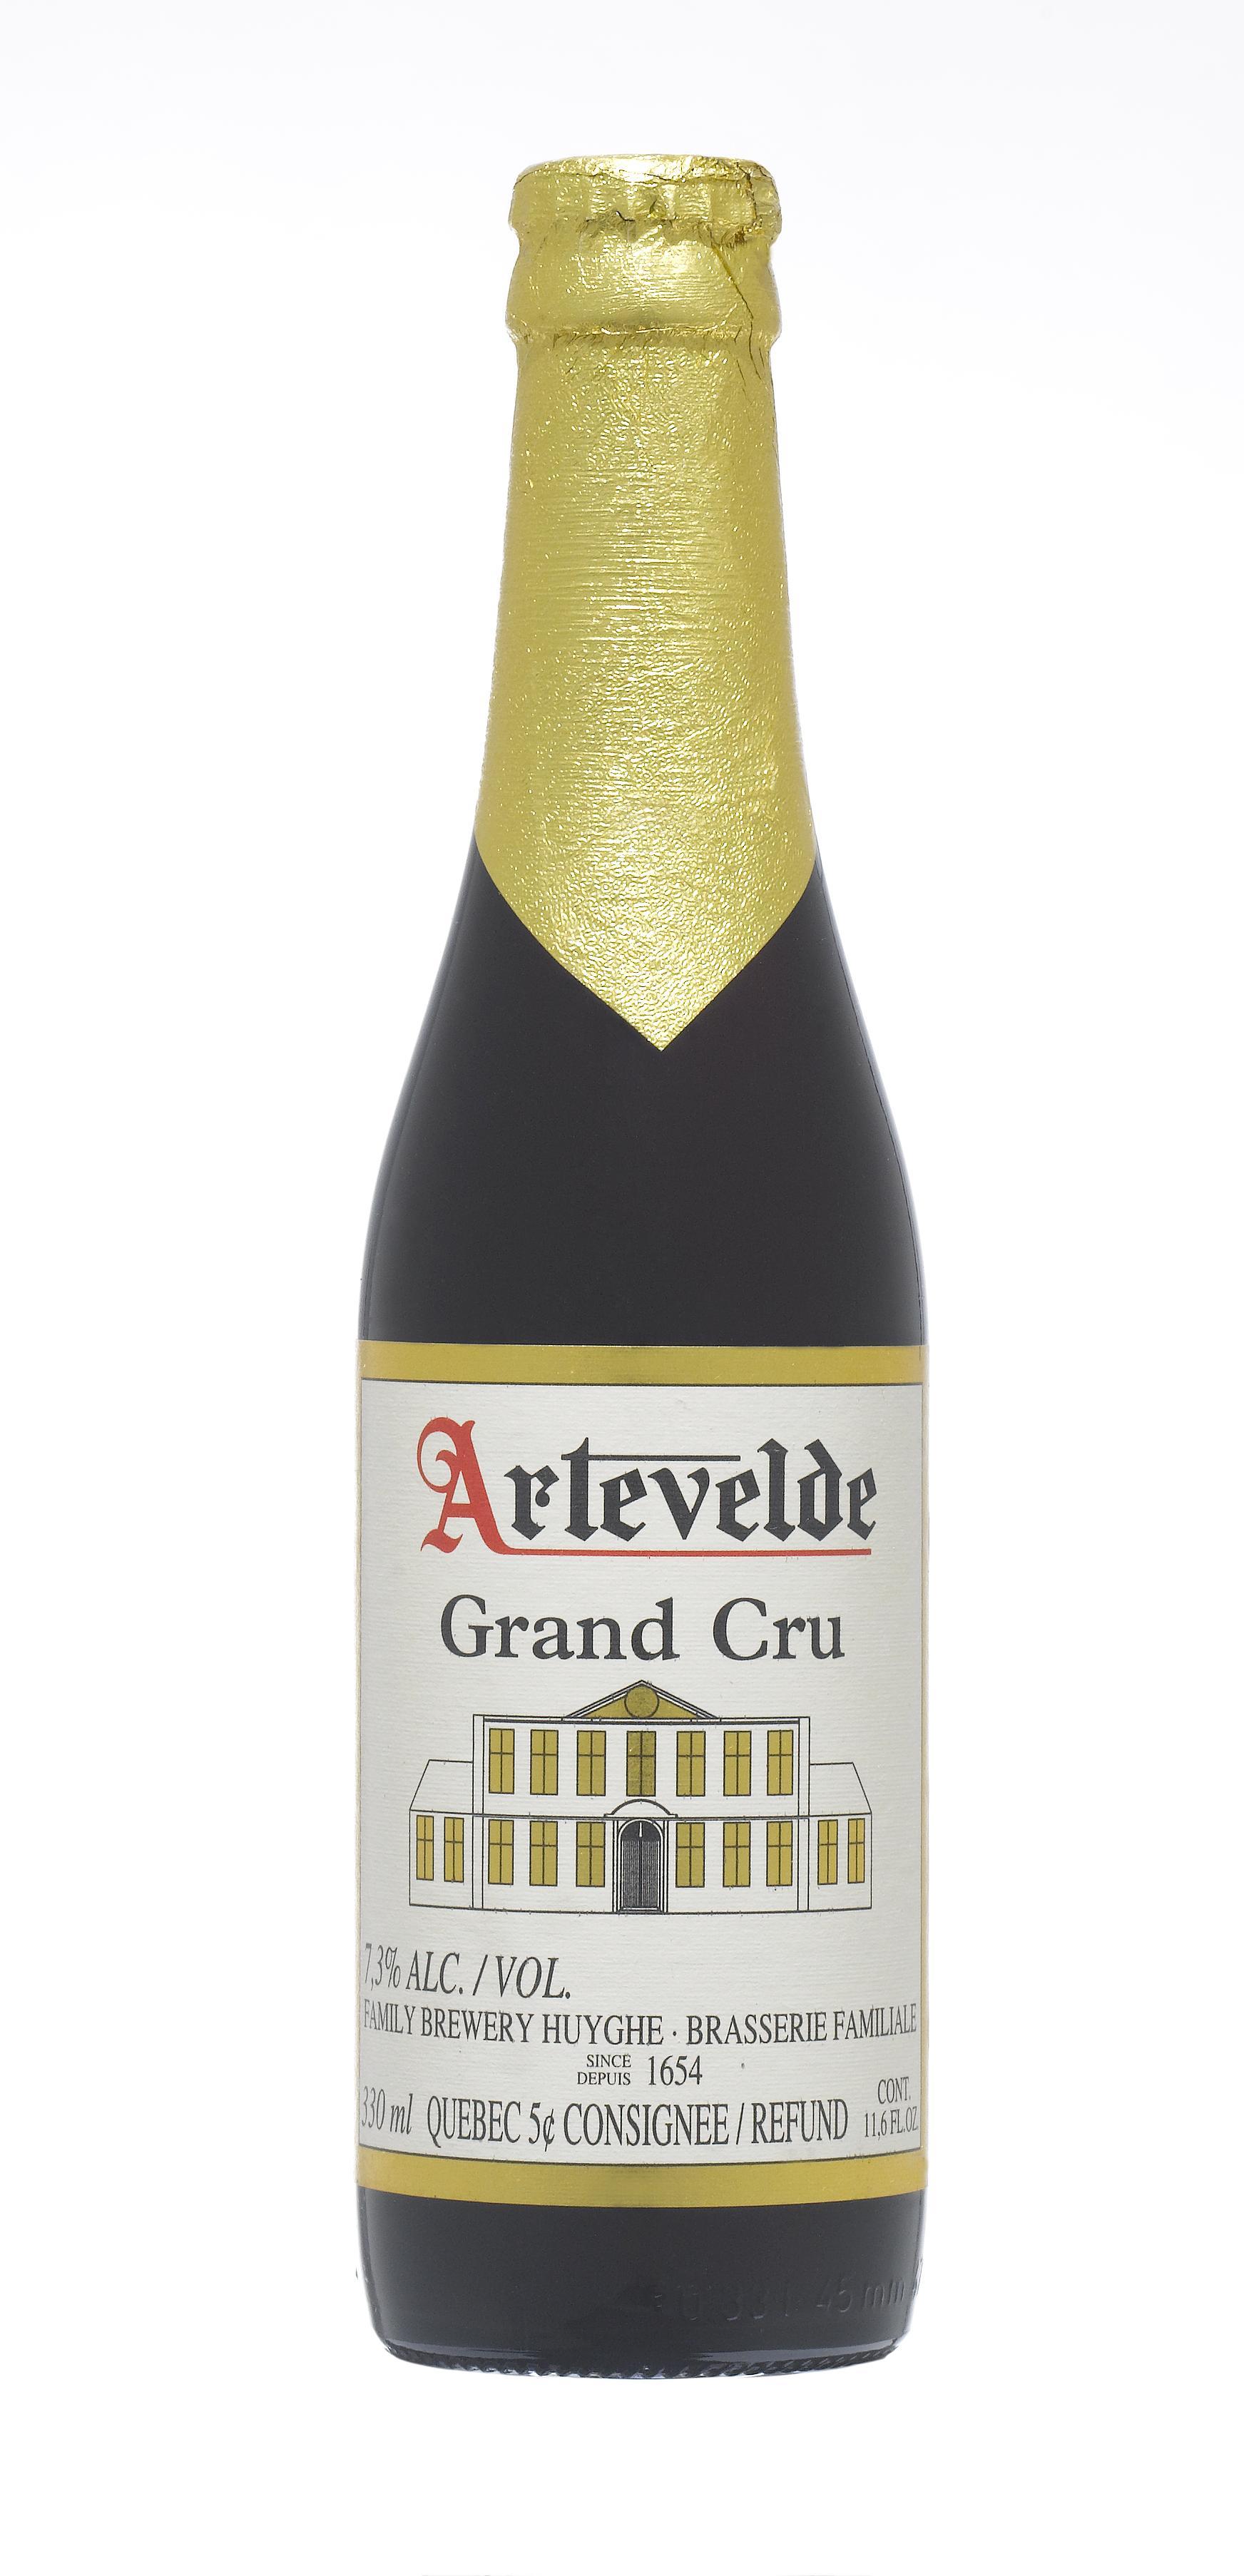 Bouteille de bière Artevelde Grand Cru 33cl. Bouteille de bière Artevelde Grand Cru 33clLa Bière Artevelde Grand Cru est une bi&e